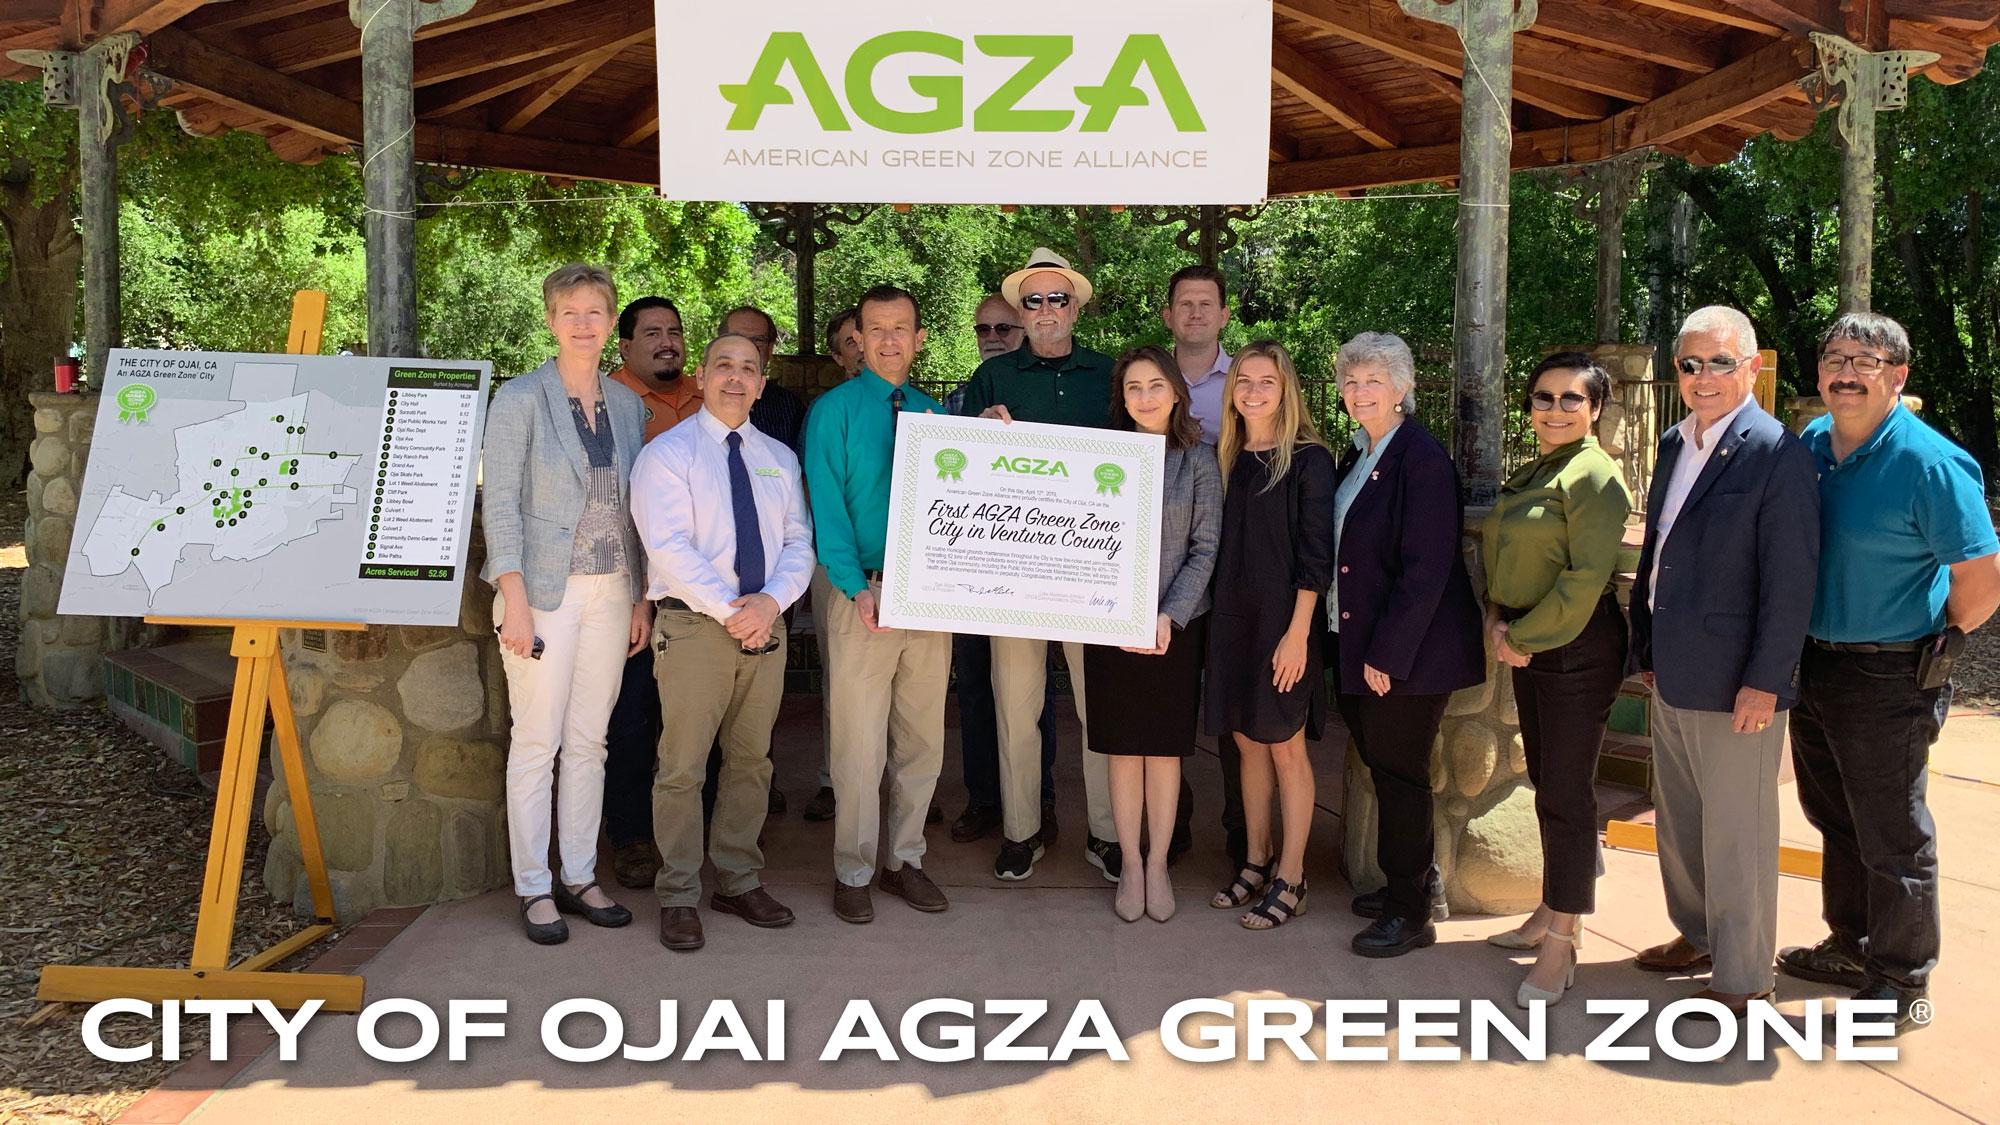 20190412_AGZA_GZ_Ojai_Ceremony_COVER_TITLE_2000.jpg